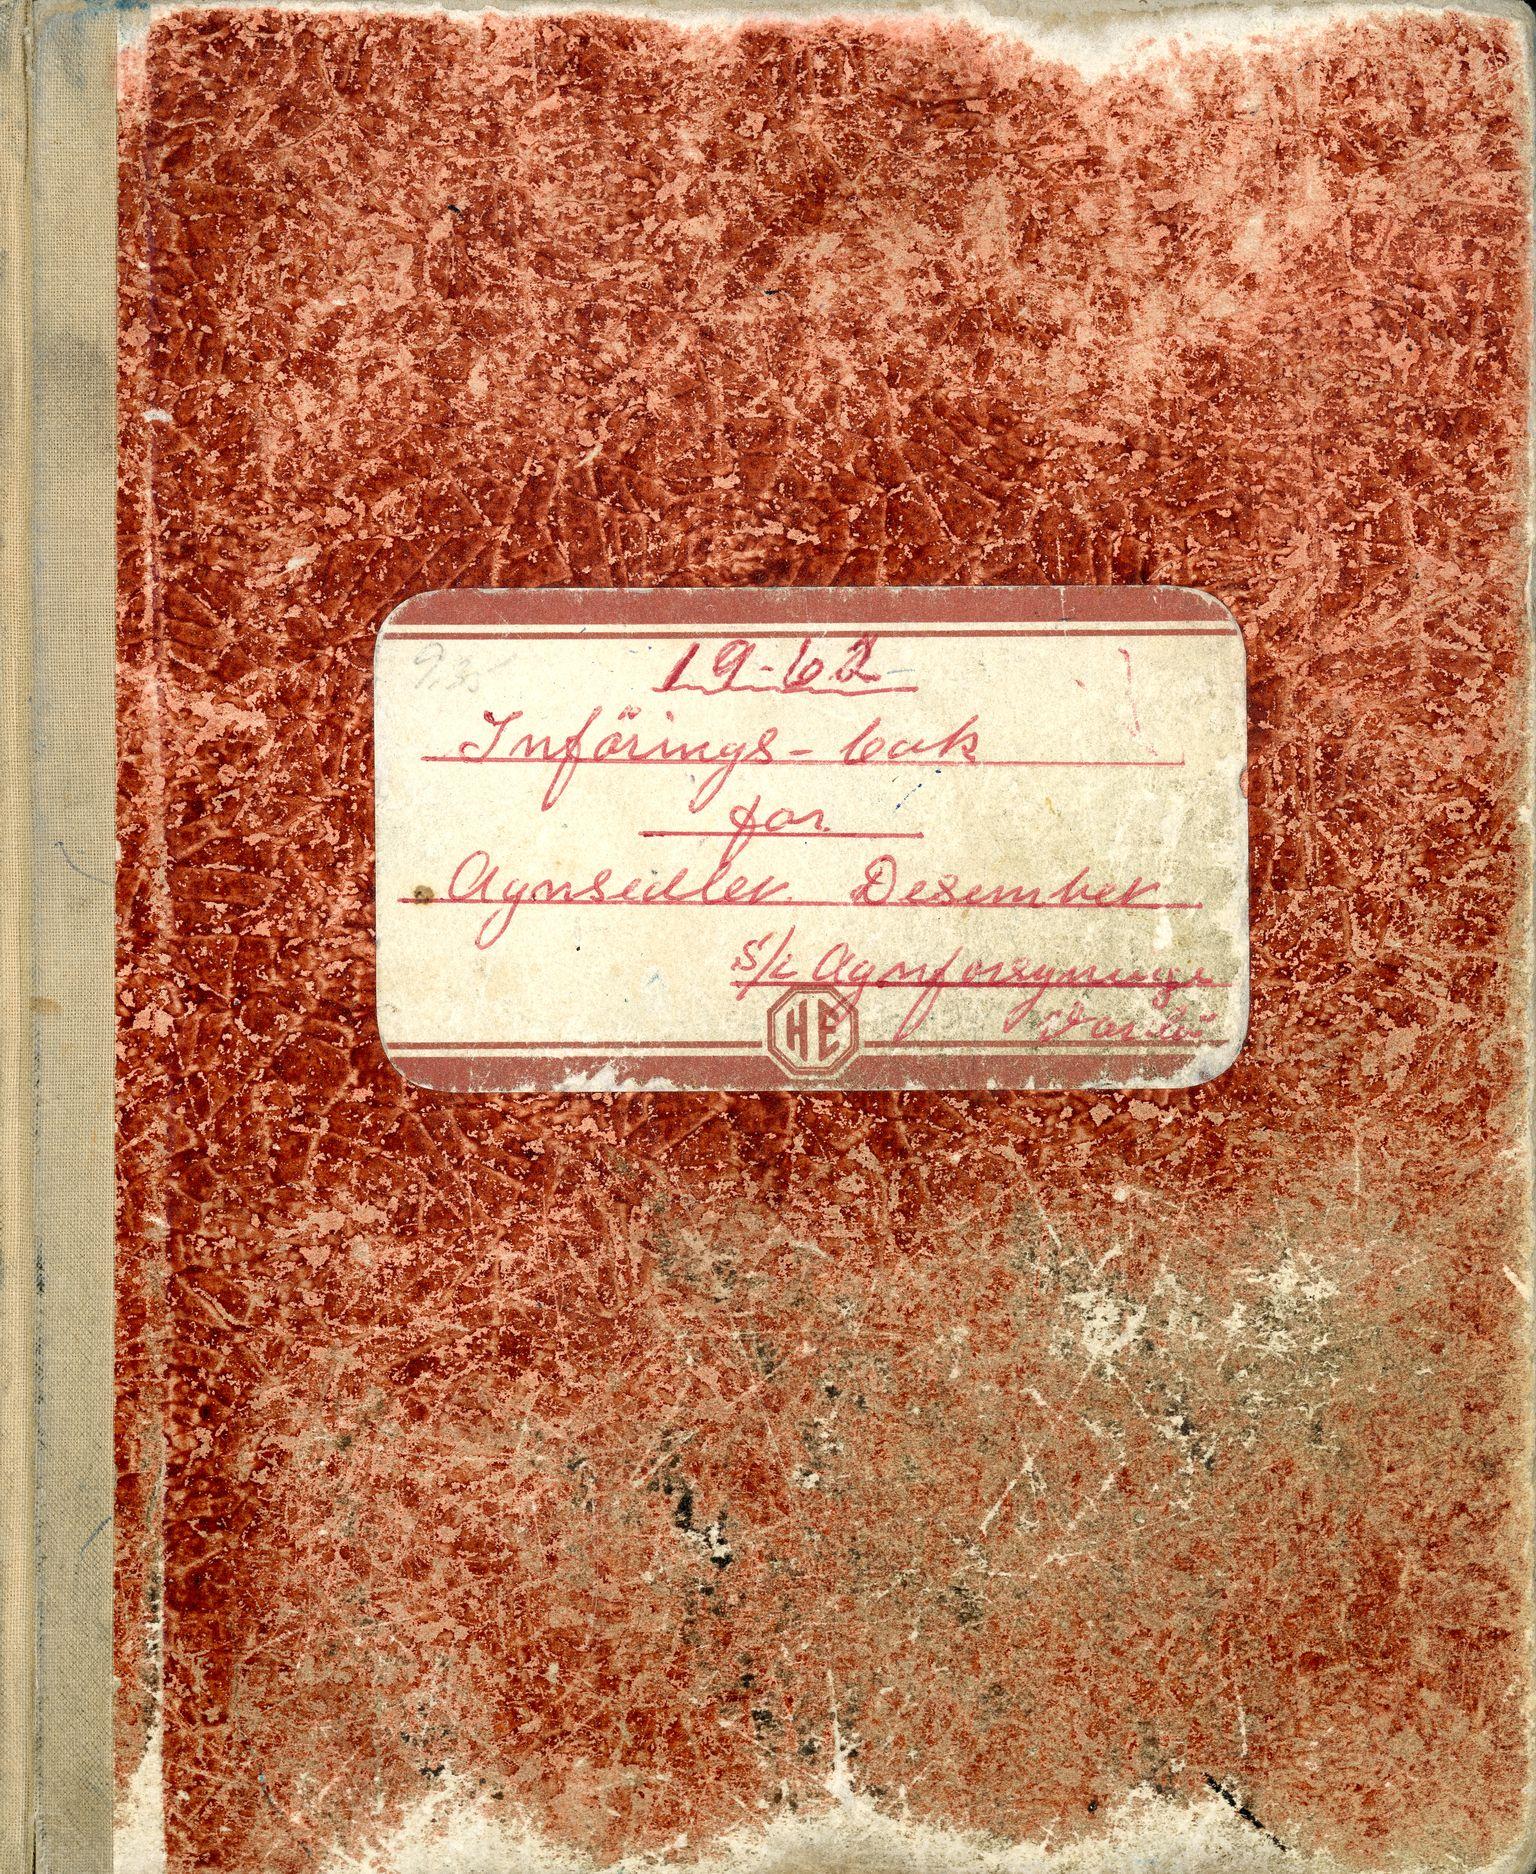 VAMU, Fiskernes agnforsyning, avdeling Vardø, R/L0002: Innføringsbok for agnsedler, 1962-1963